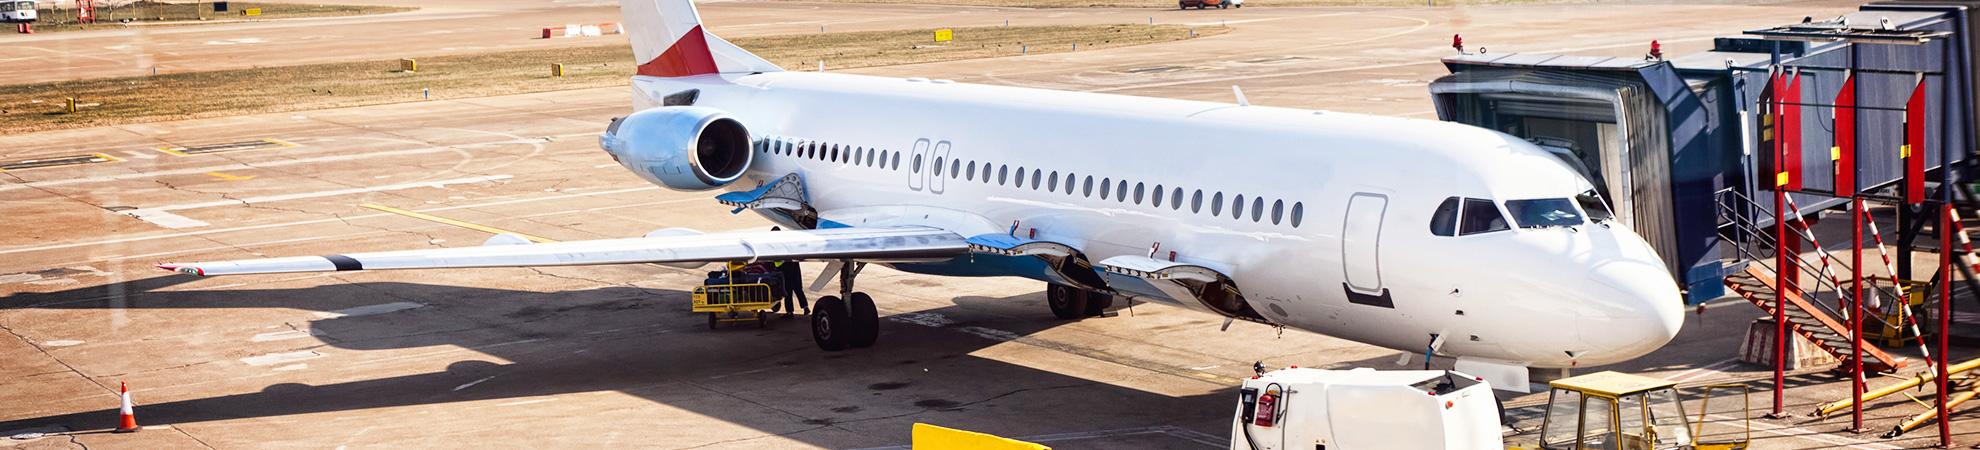 Conseils pratiques pour améliorer son expérience à l'aéroport en Argentine